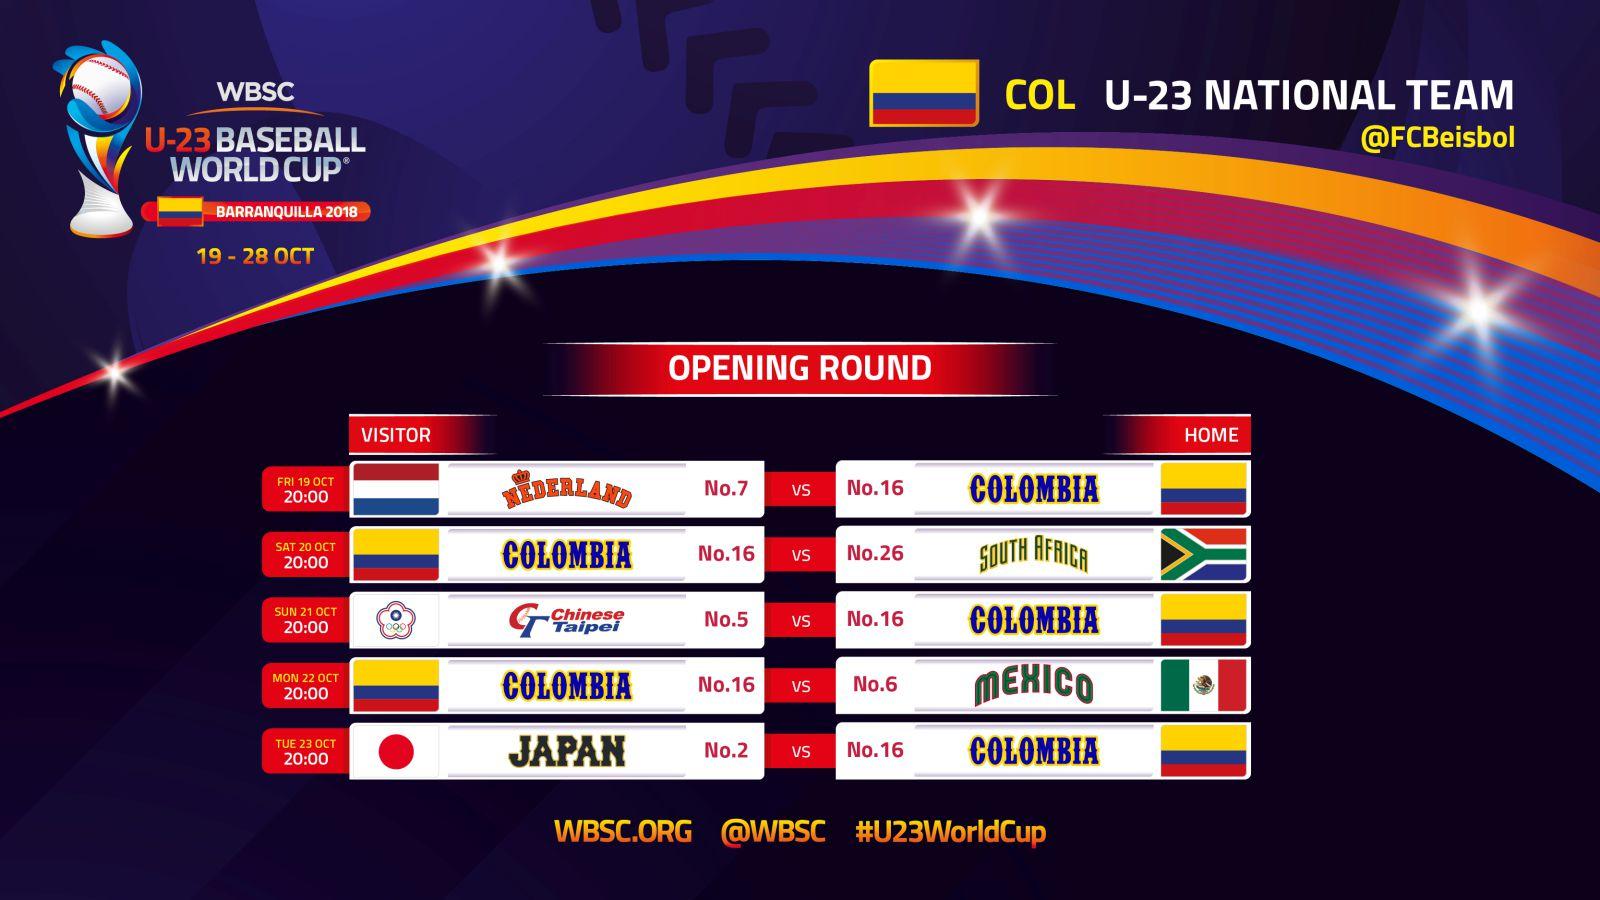 Así será el camino de Colombia en el campeonato.